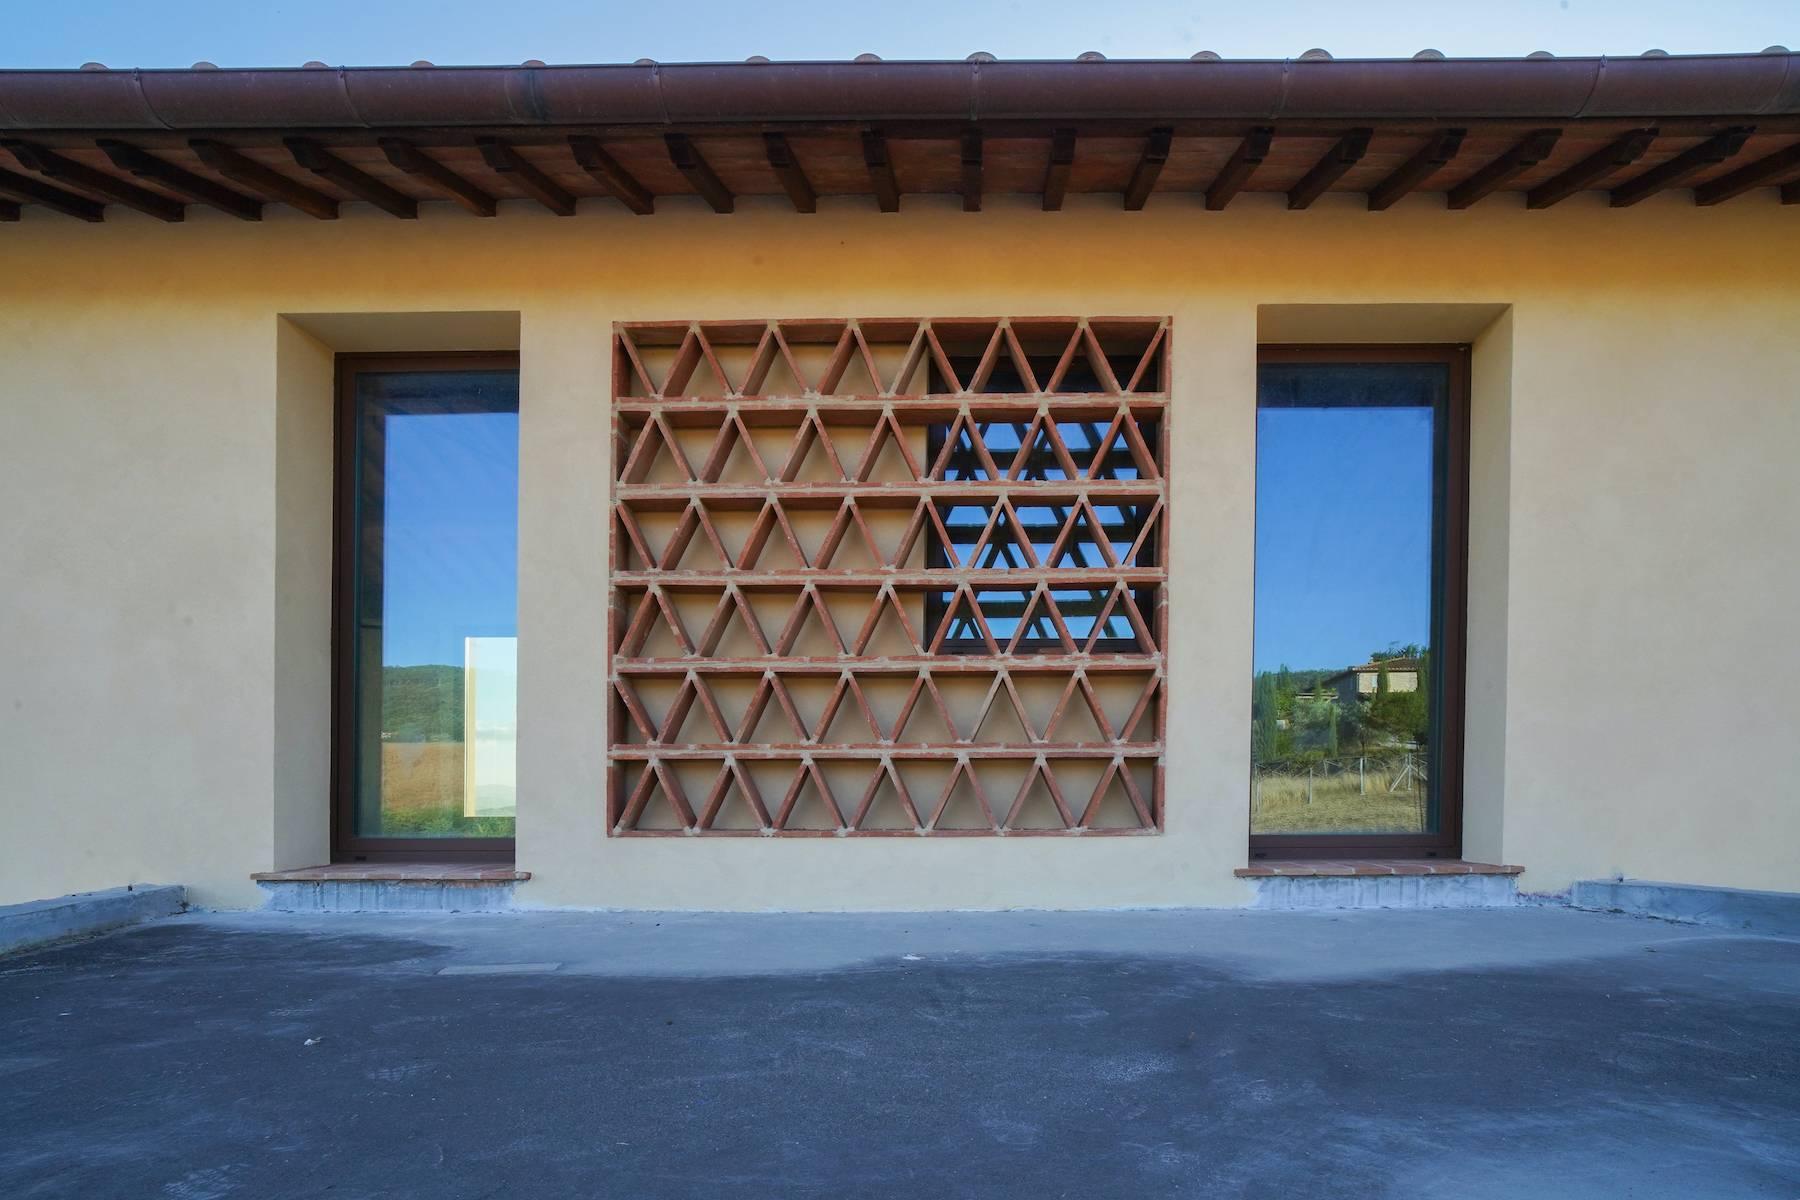 Rustico in Vendita a Montaione: 5 locali, 250 mq - Foto 14